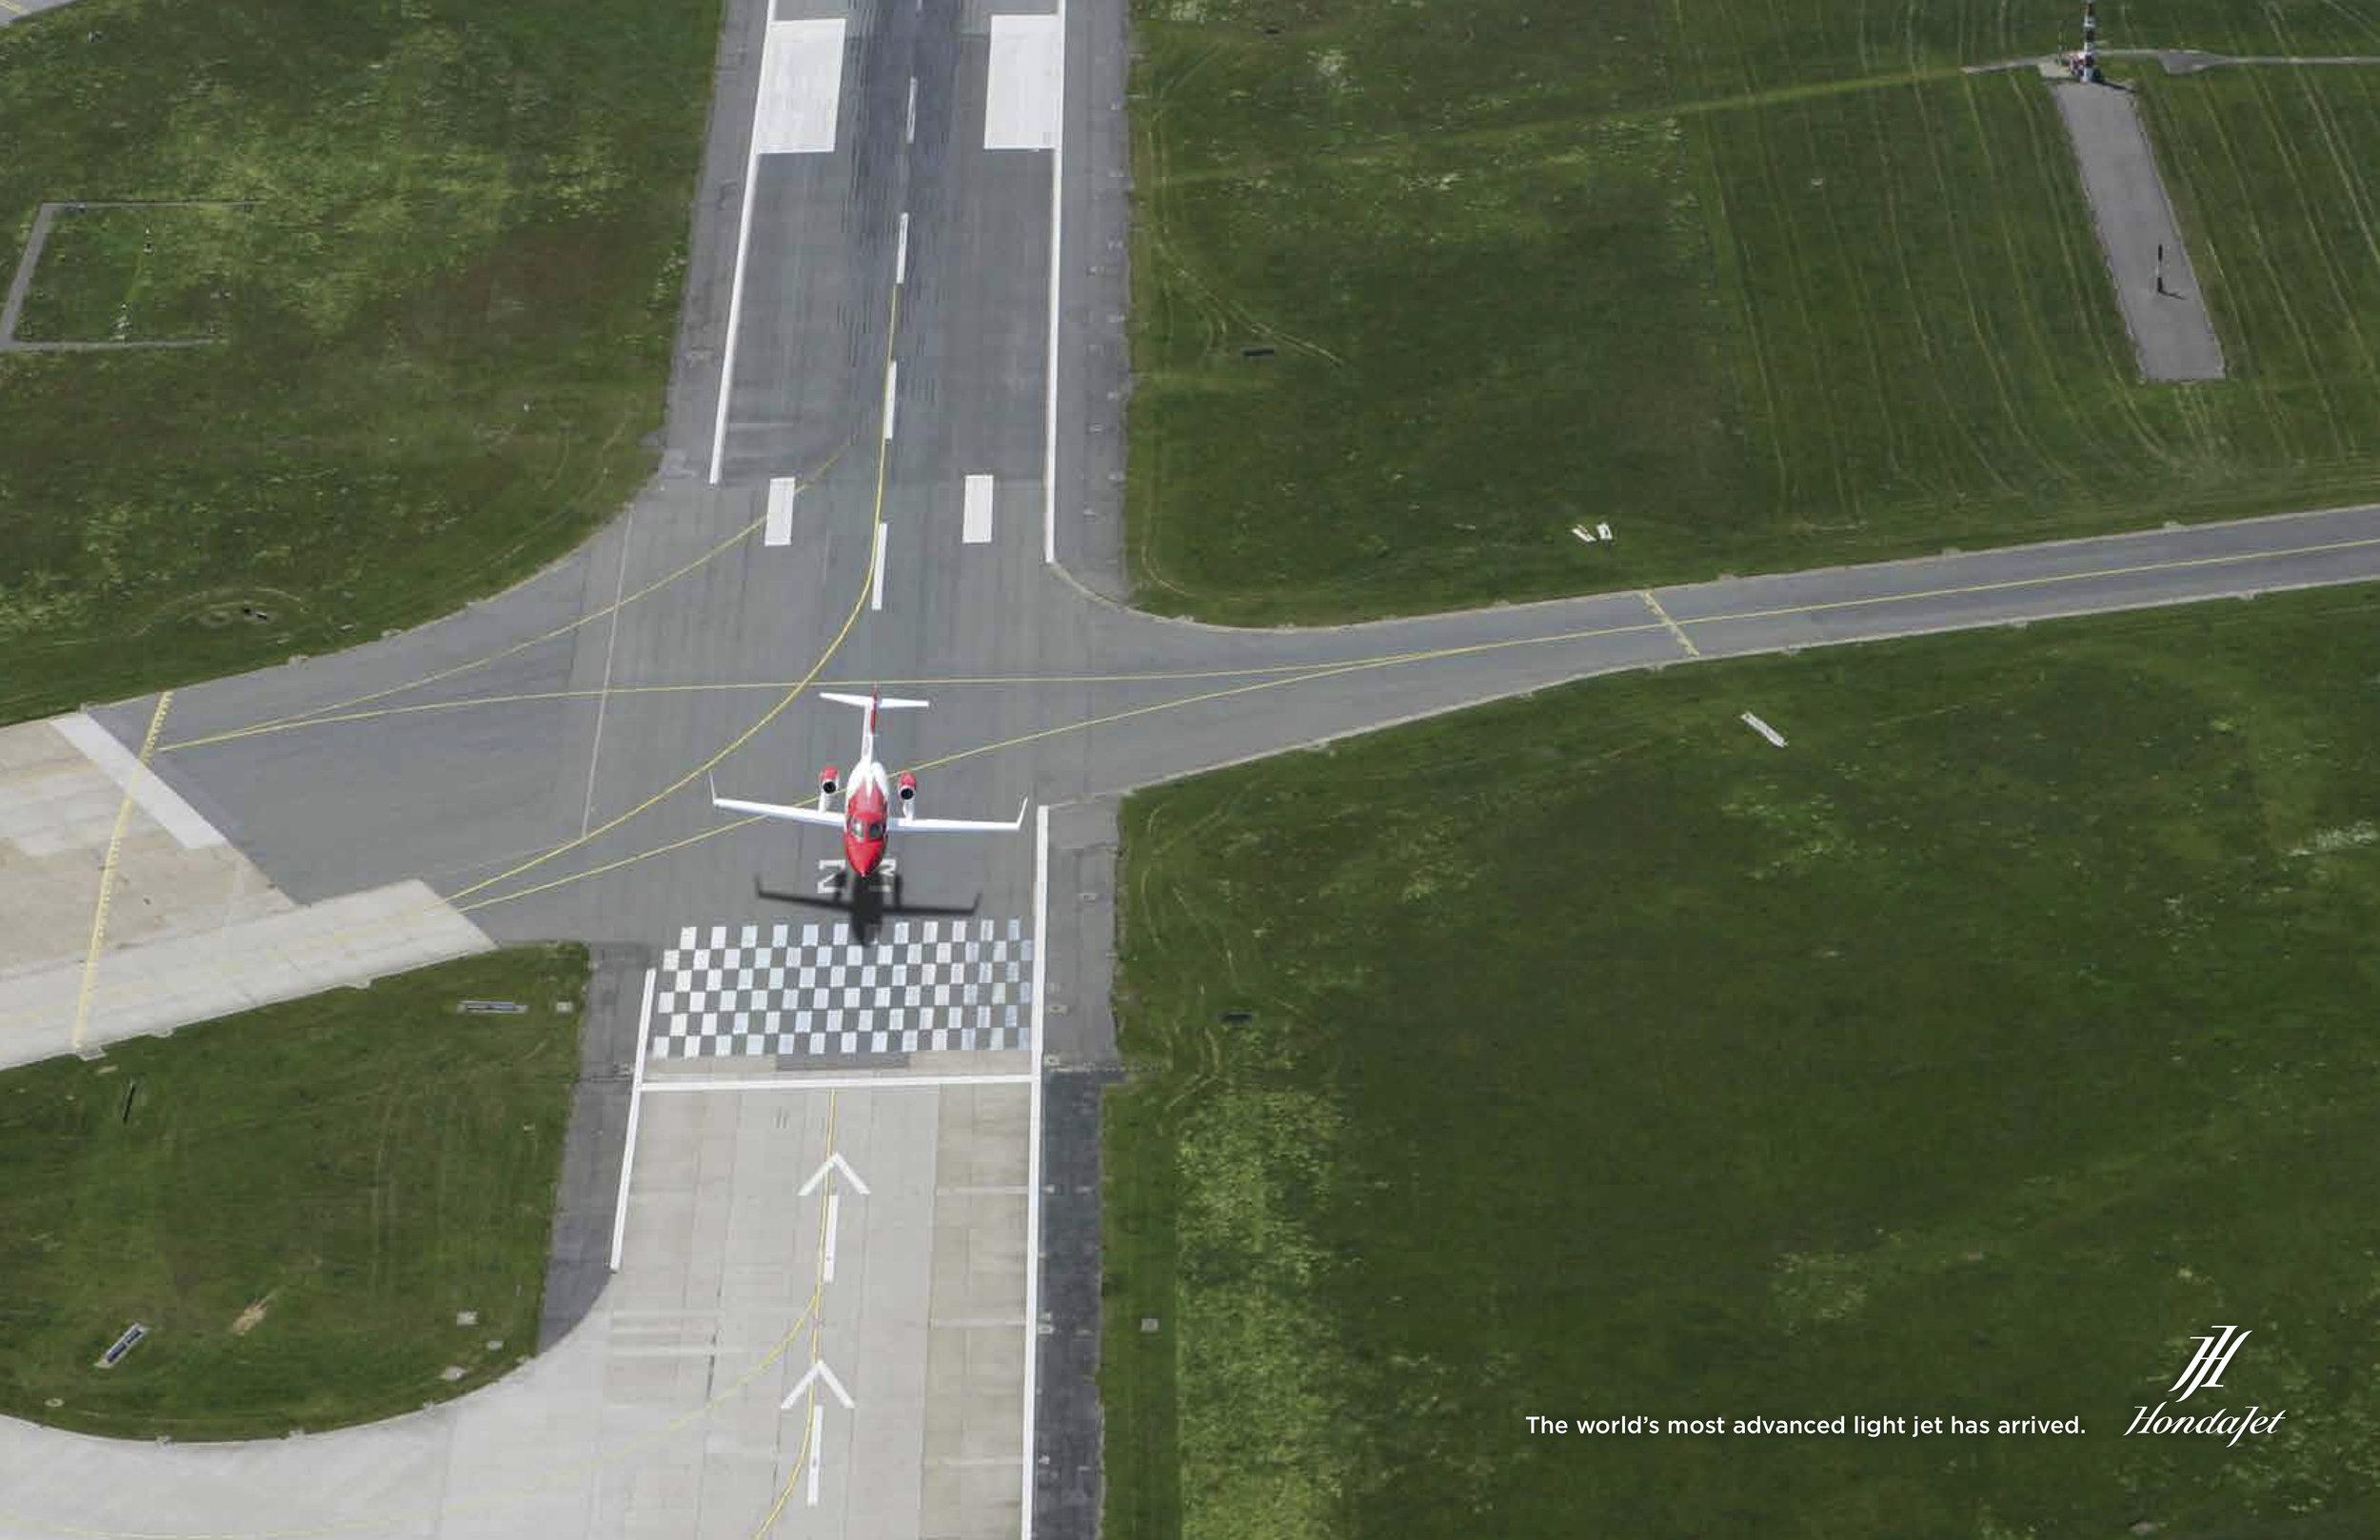 HondaJet_Touchdown.jpg